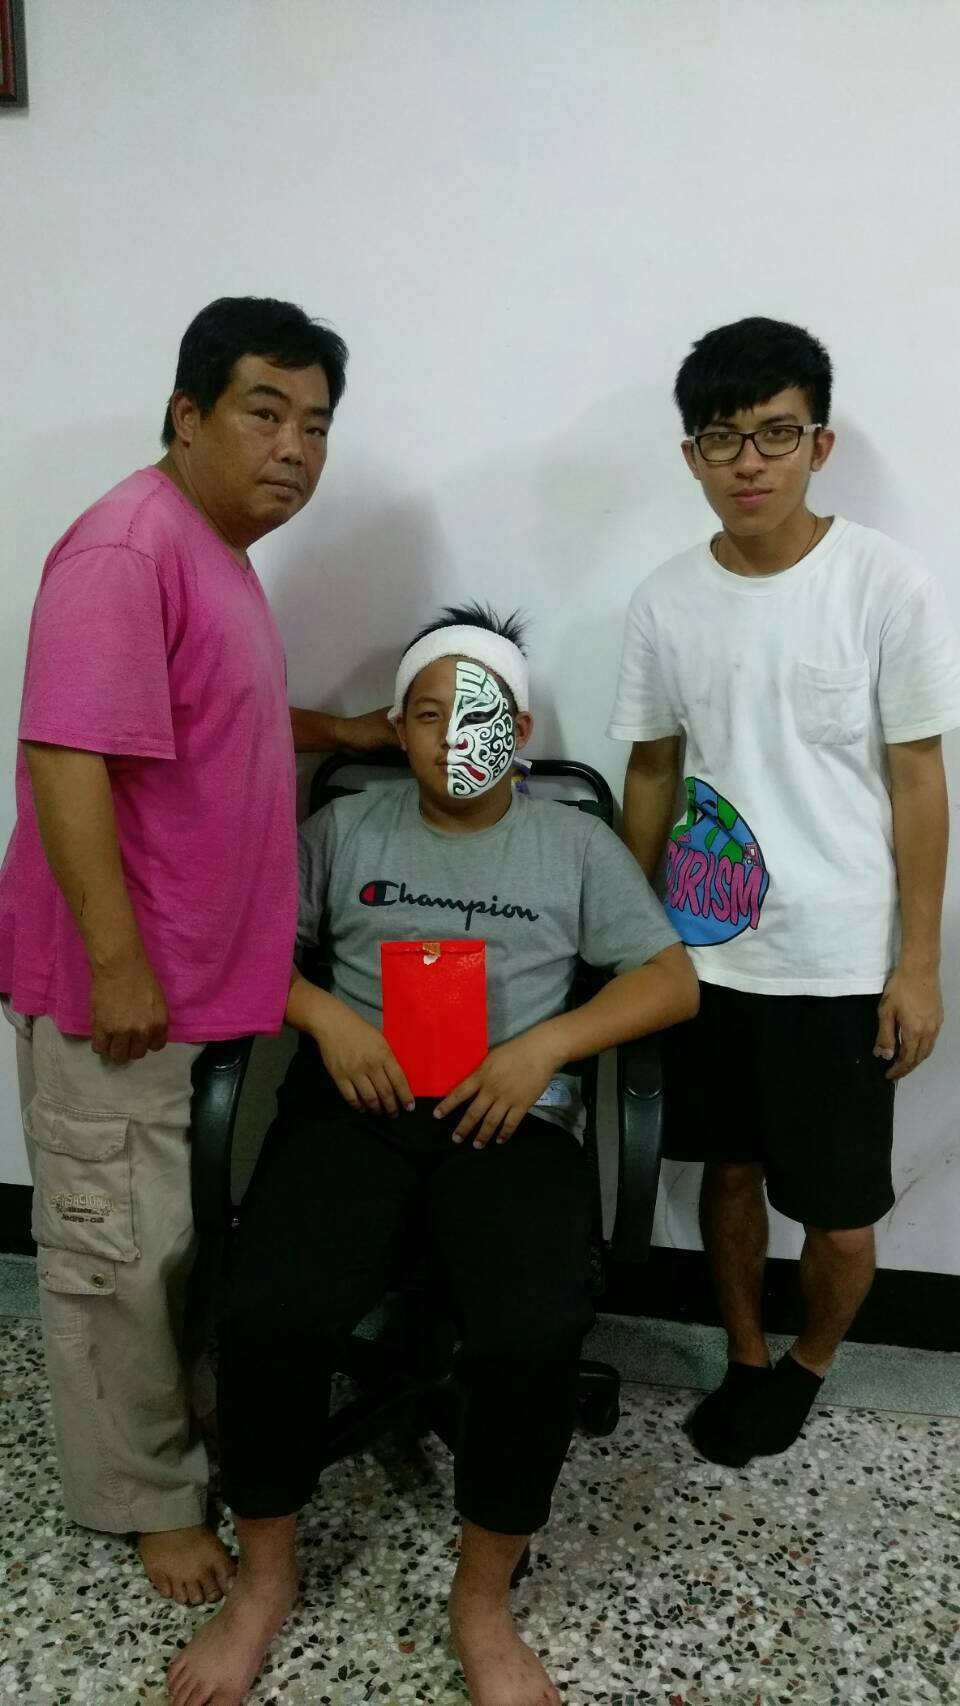 郭勁鴻(右)向張宏榮(左)拜師學藝。圖/郭勁鴻提供